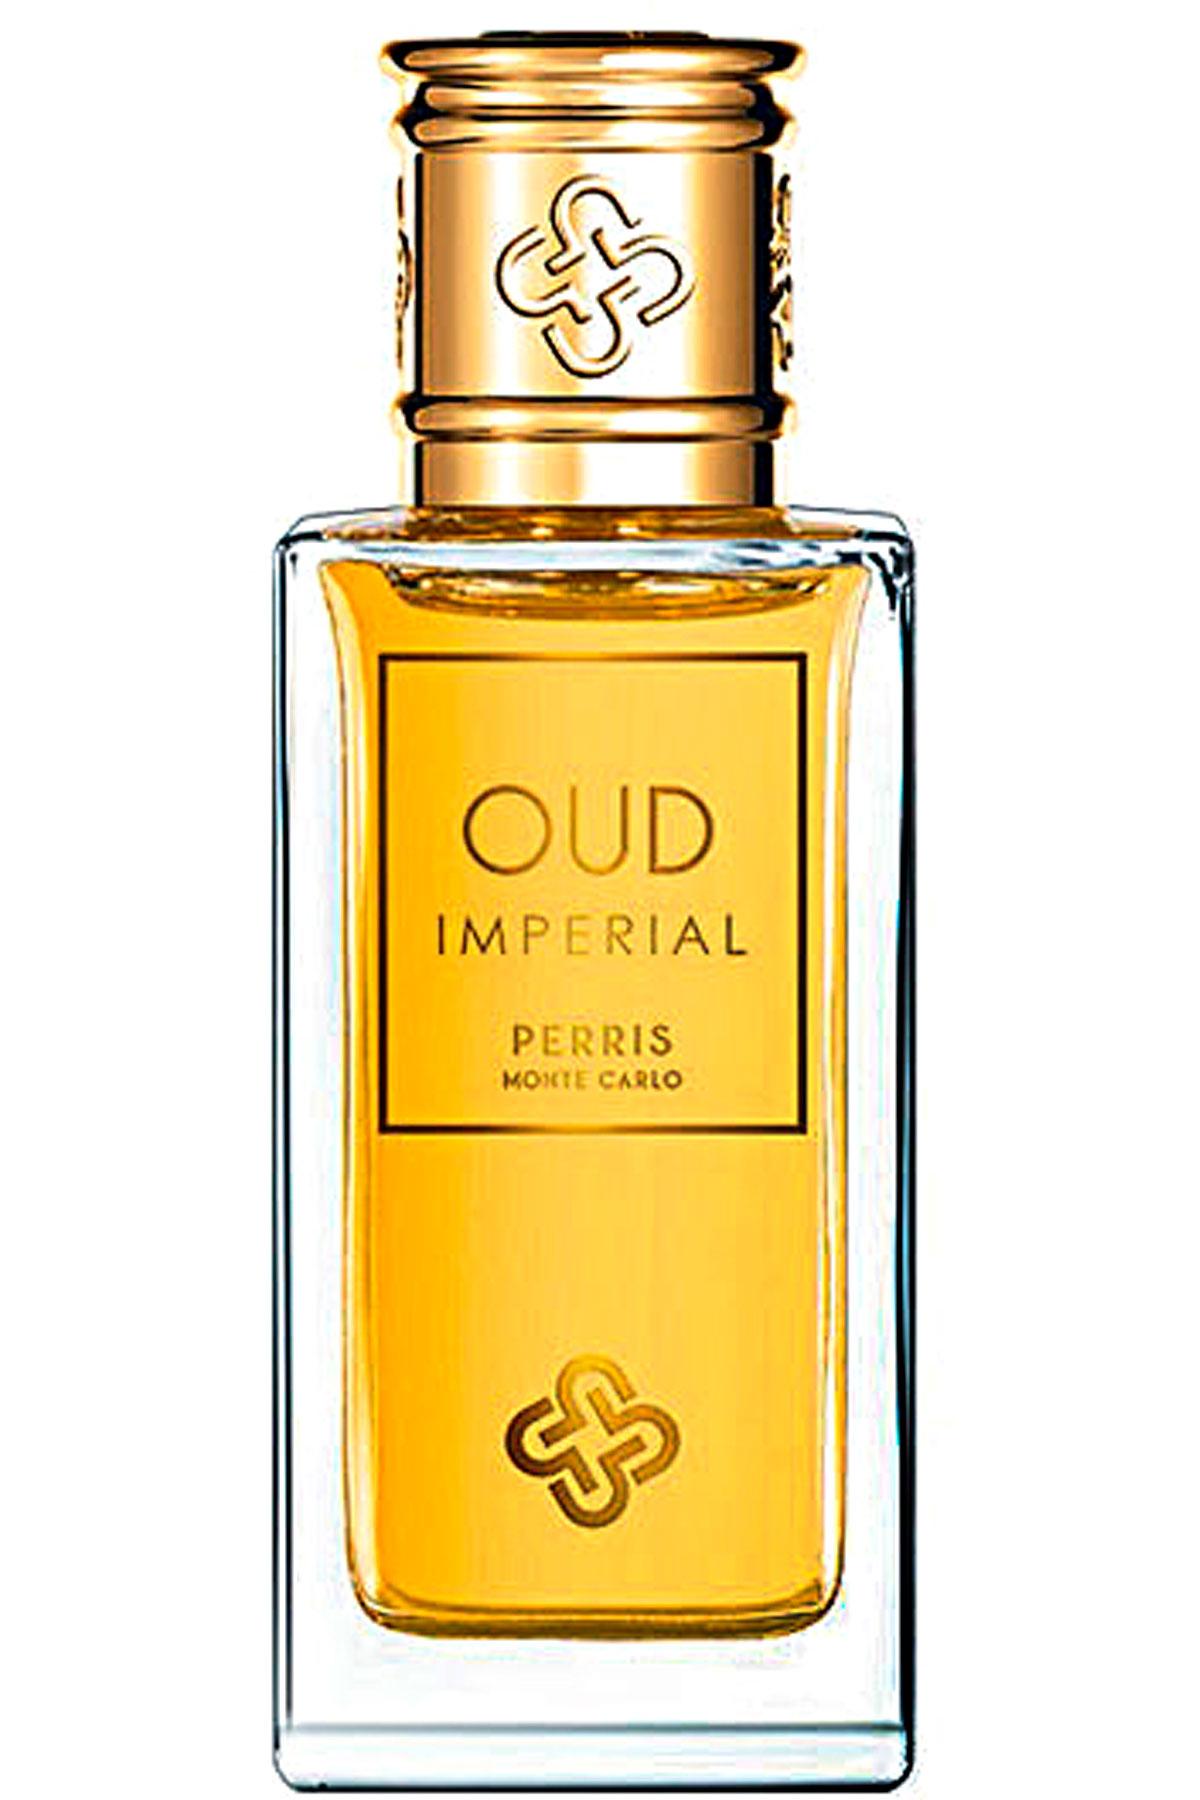 Perris Monte Carlo Fragrances for Men, Oud Imperial - Extrait De Parfum - 50 Ml, 2019, 50 ml